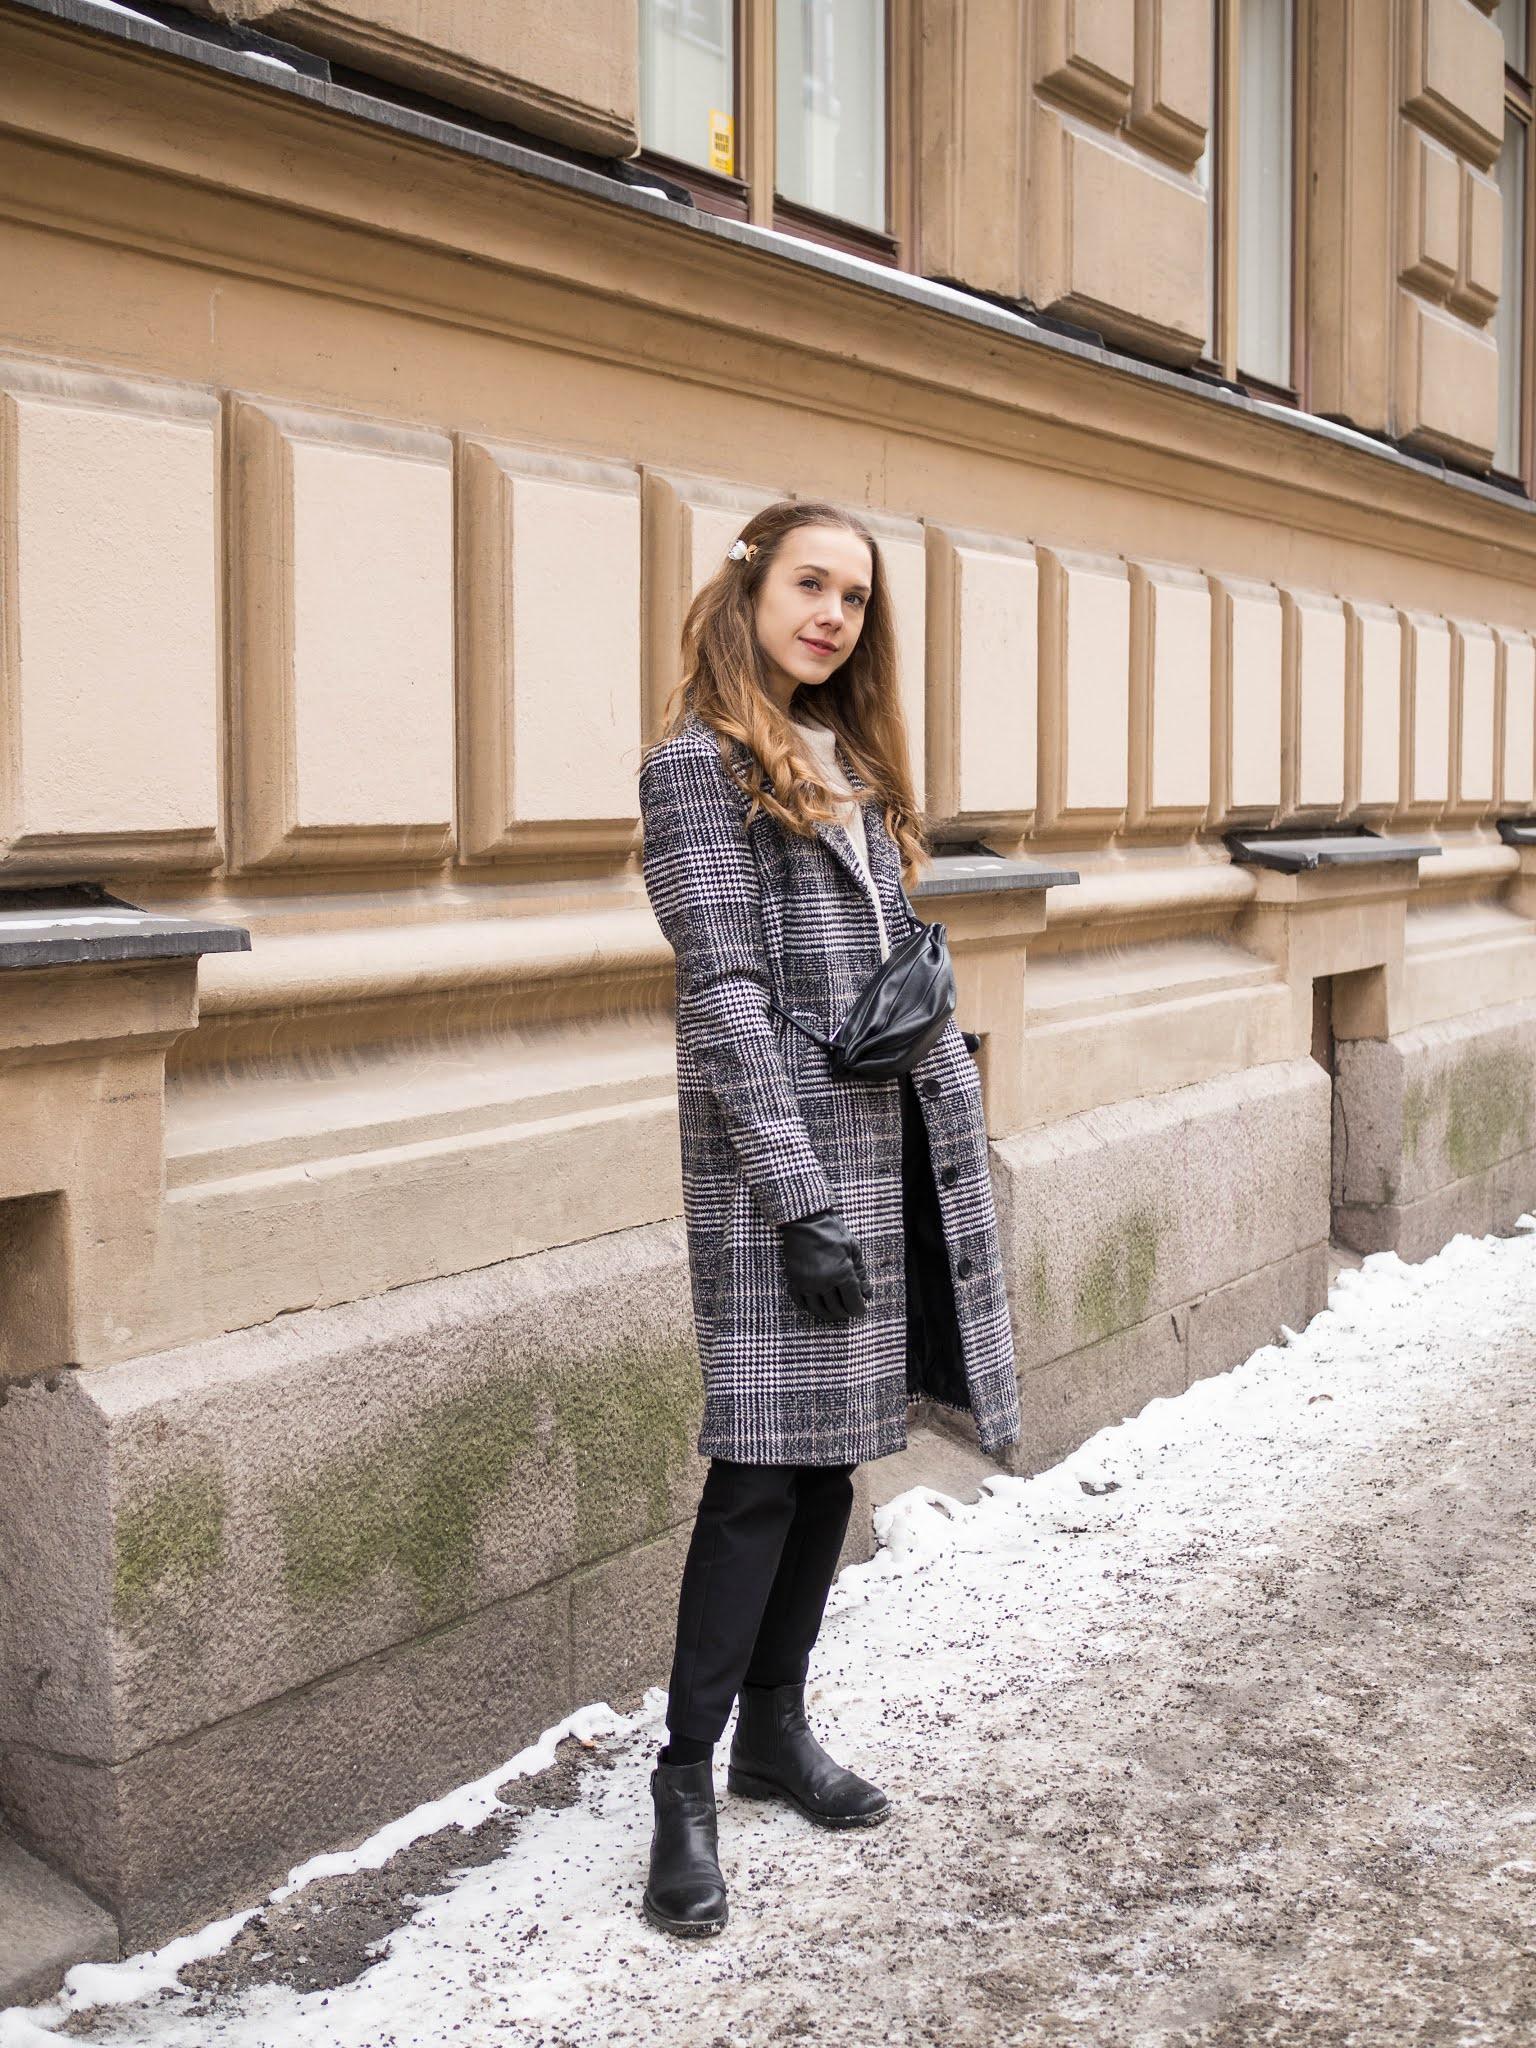 Inspiraatiota välikausipukeutumiseen + suomalaiset korumerkit // Transitional outfit inspiration + Finnish jewellery brands